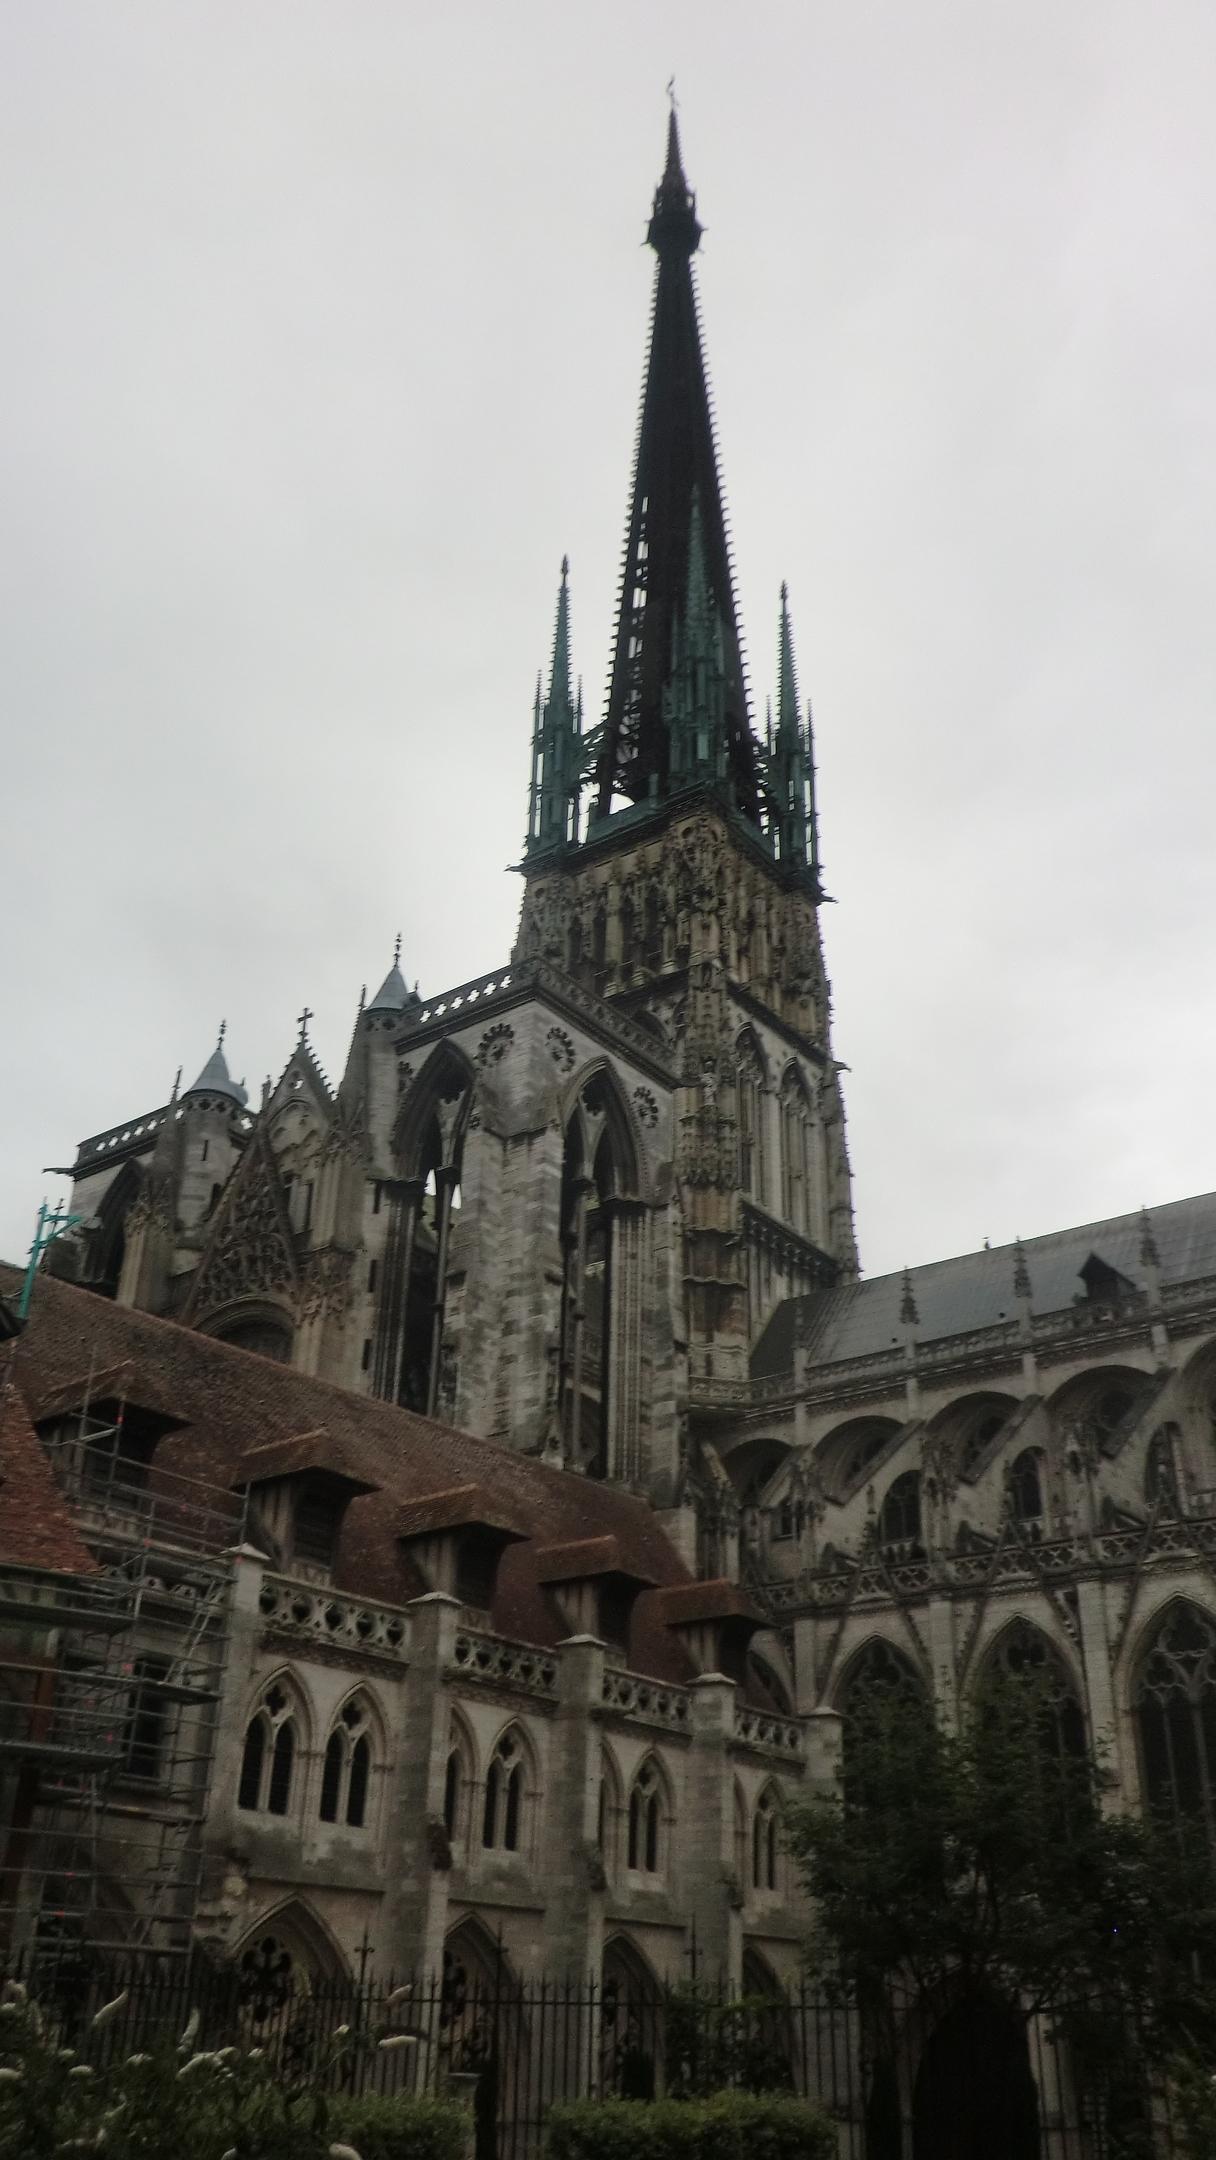 ノートルダム大聖堂(ルーアン)